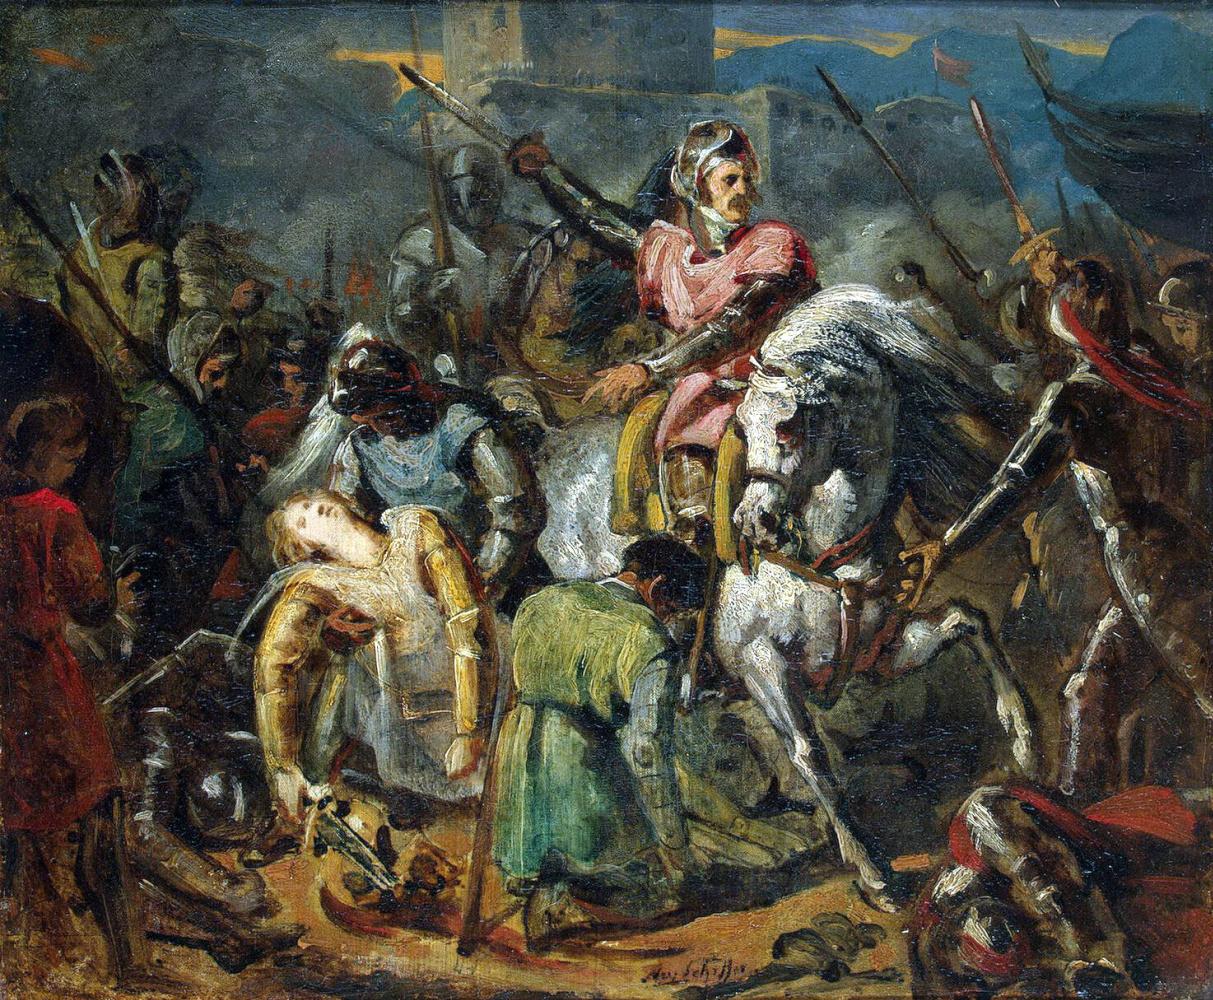 Ари Шеффер. Смерть Гастона де Фуа в битве при Равенне